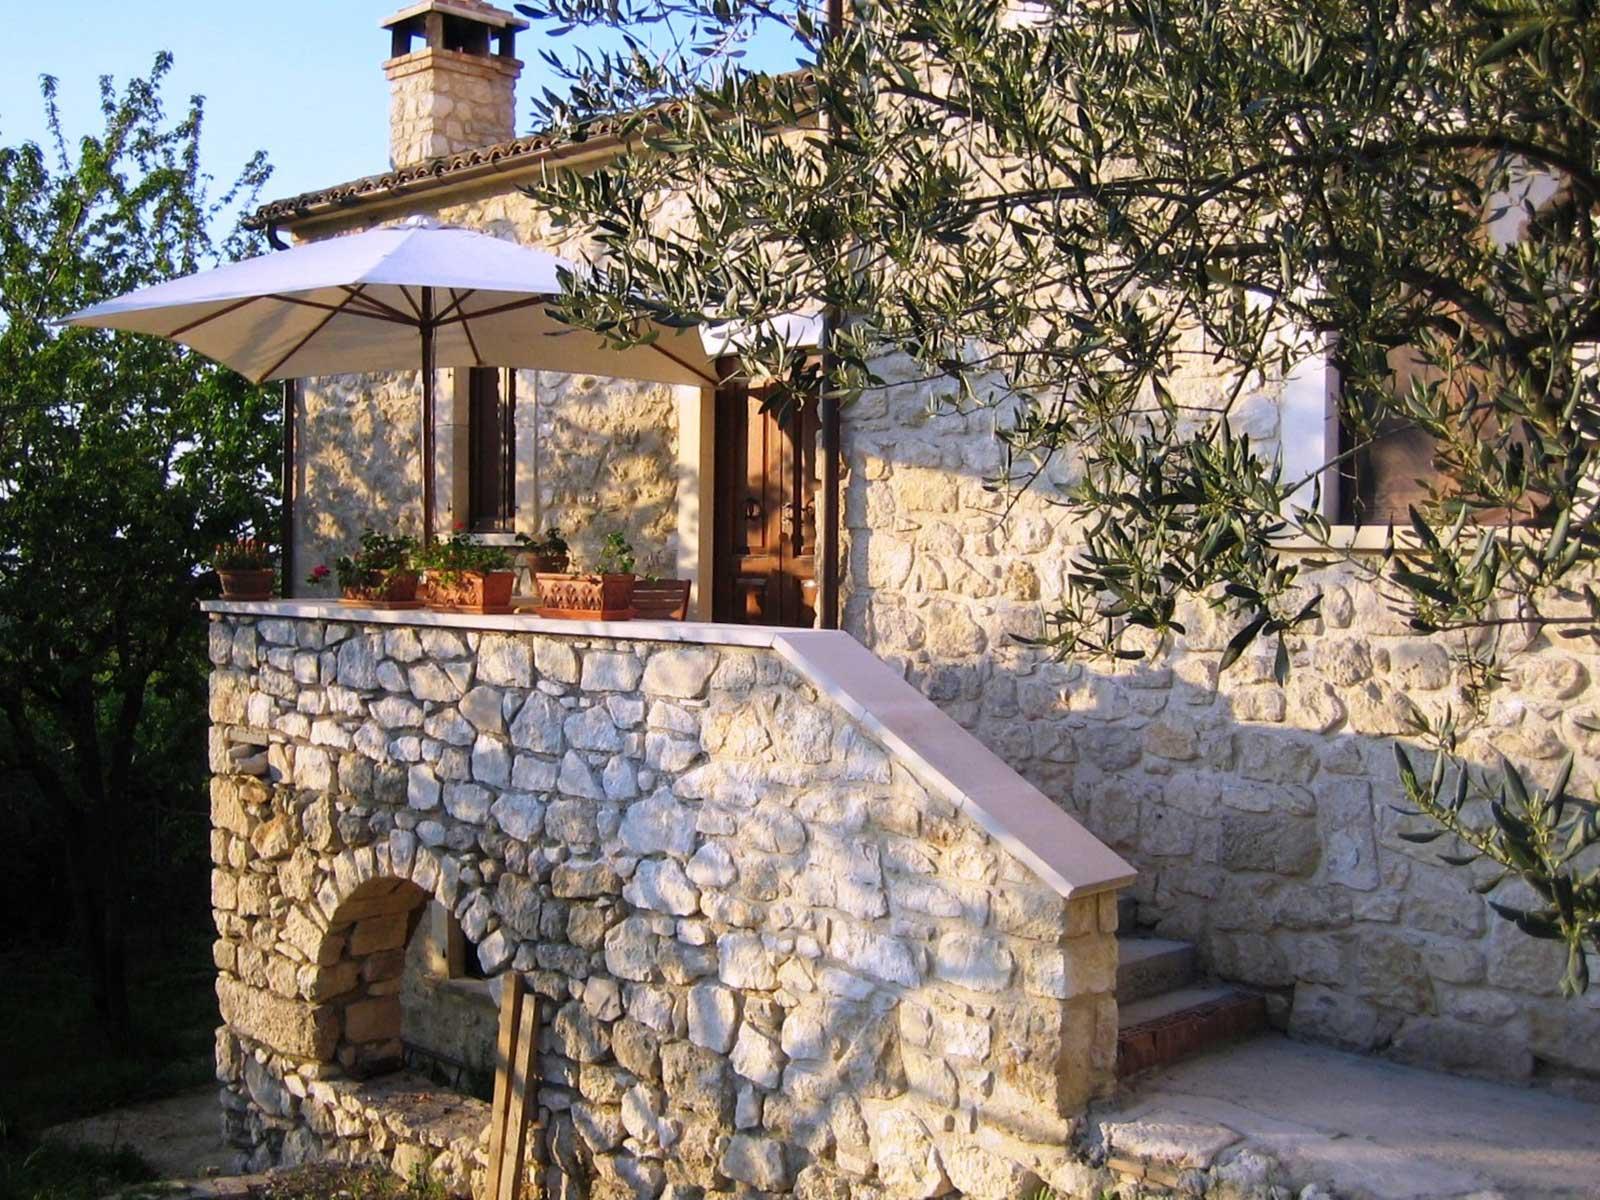 Casa di campagna Casa di campagna in vendita Abbateggio (PE), Casa Selva - Abbateggio - EUR 510.204 70